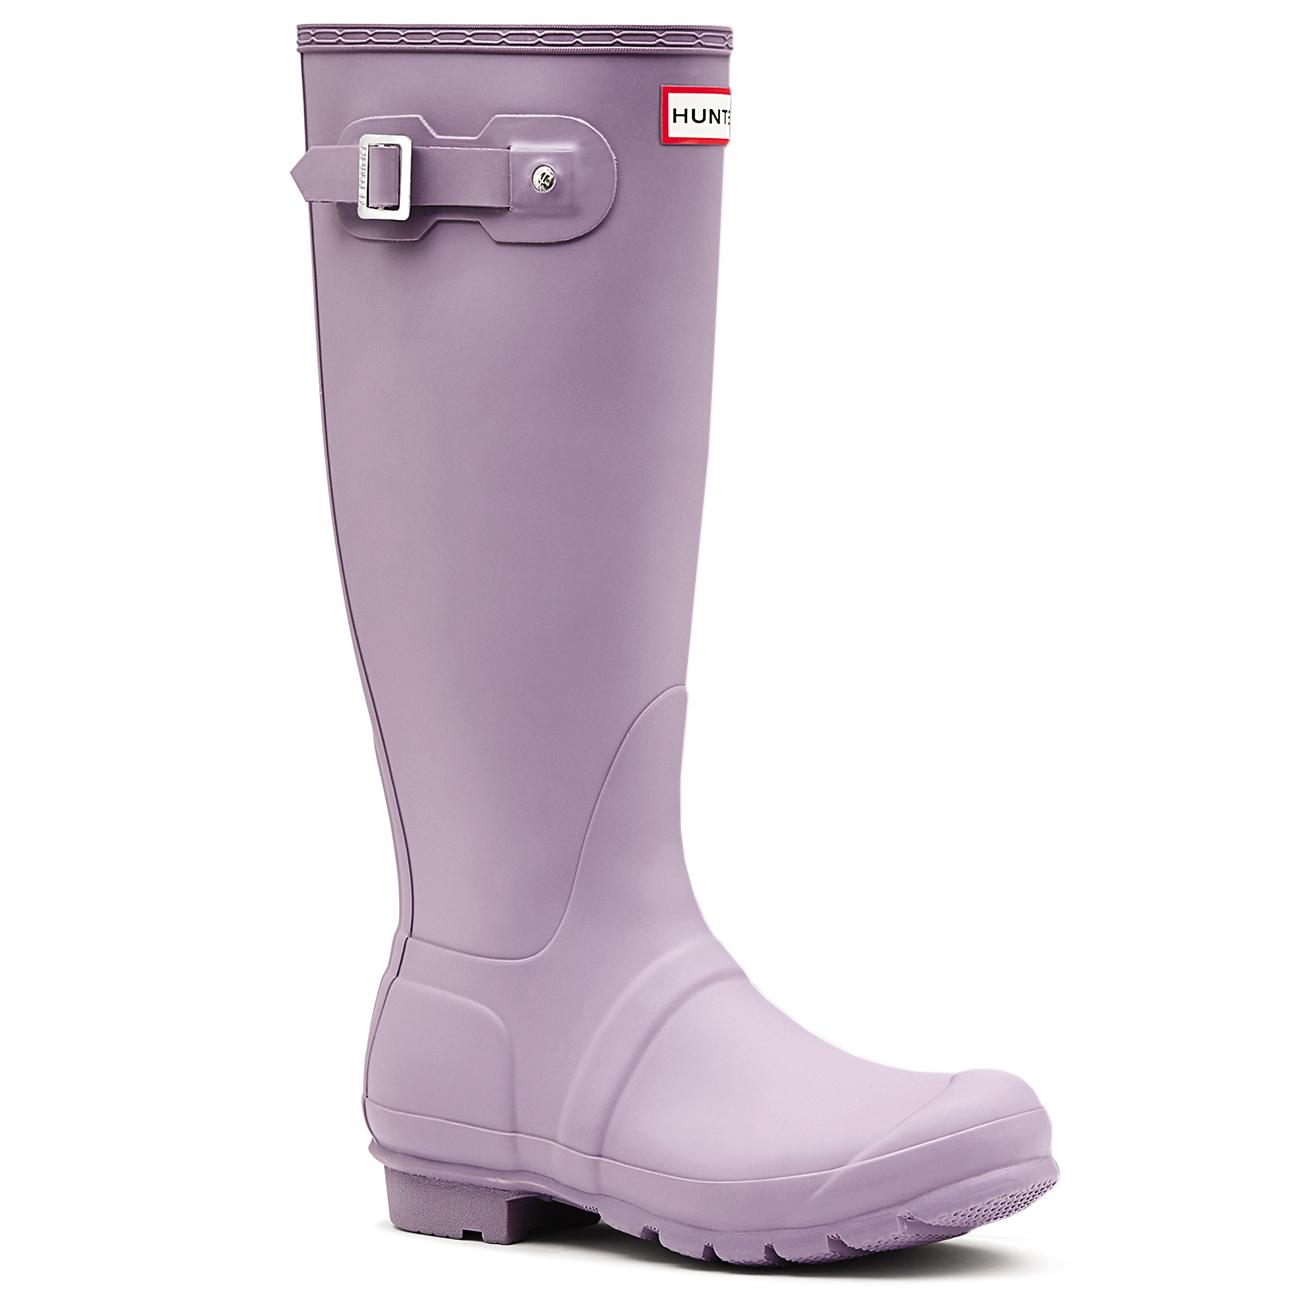 Knee High Boots - Flat Knee High Boots - Riding Boots - Shubox 4de265c94